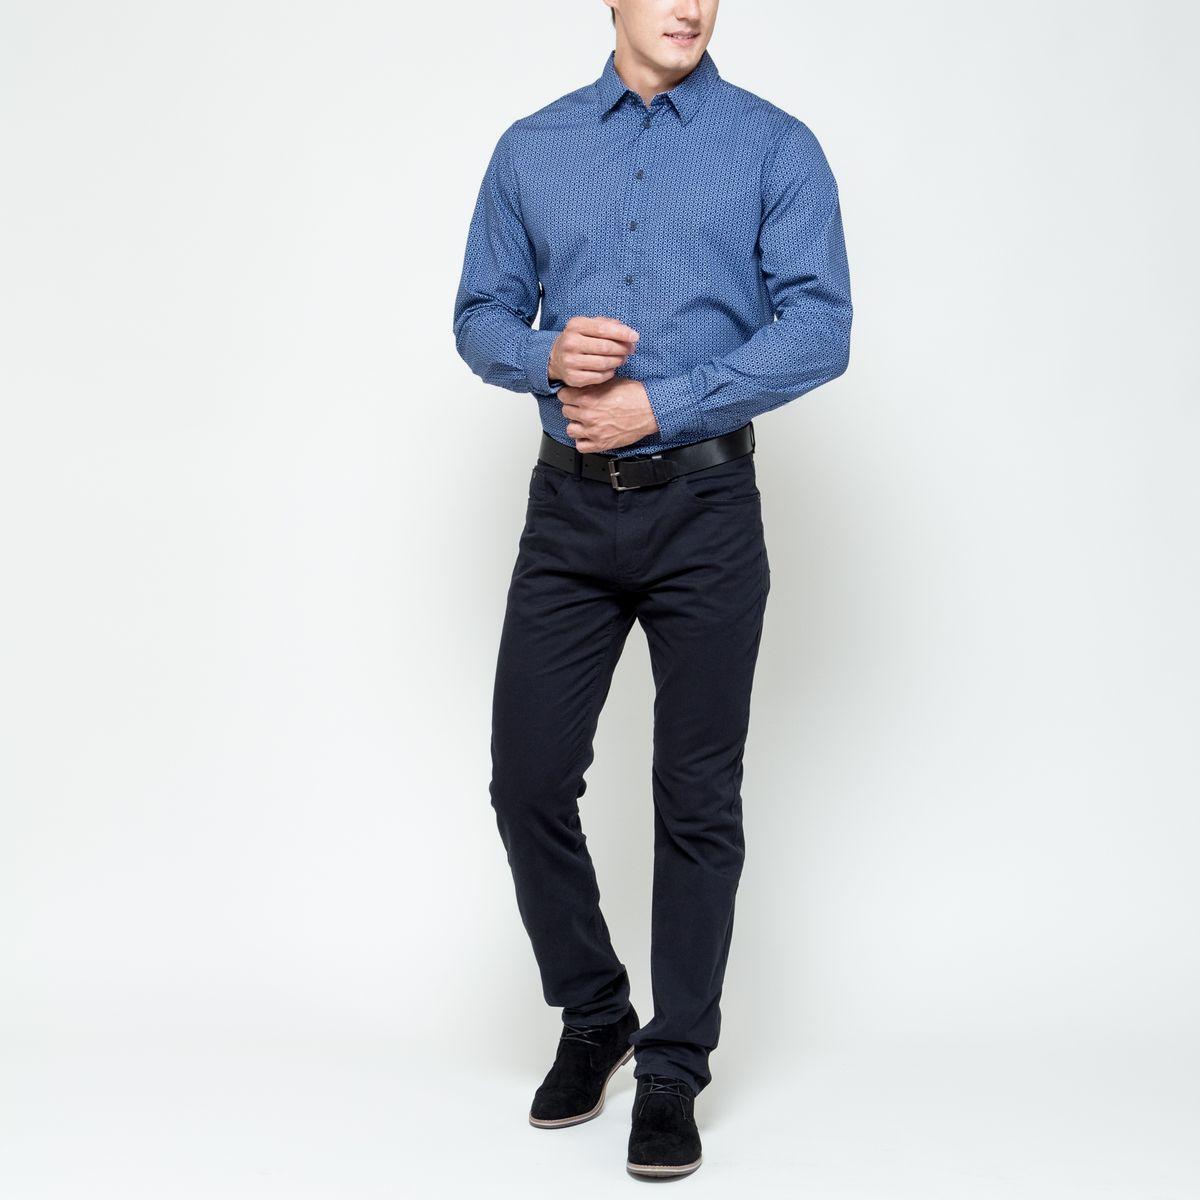 Рубашка мужская Sela Casual Wear, цвет: темно-синий, голубой. H-212/697-6322. Размер 39 (44)H-212/697-6322Стильная мужская рубашка Sela Casual Wear, выполненная из натурального хлопка, позволяет коже дышать, тем самым обеспечивая наибольший комфорт при носке. Модель классического кроя с отложным воротником и длинными рукавами застегивается на пуговицы по всей длине. Модель оформлена оригинальным принтом. Манжеты рукавов дополнены застежками-пуговицами.